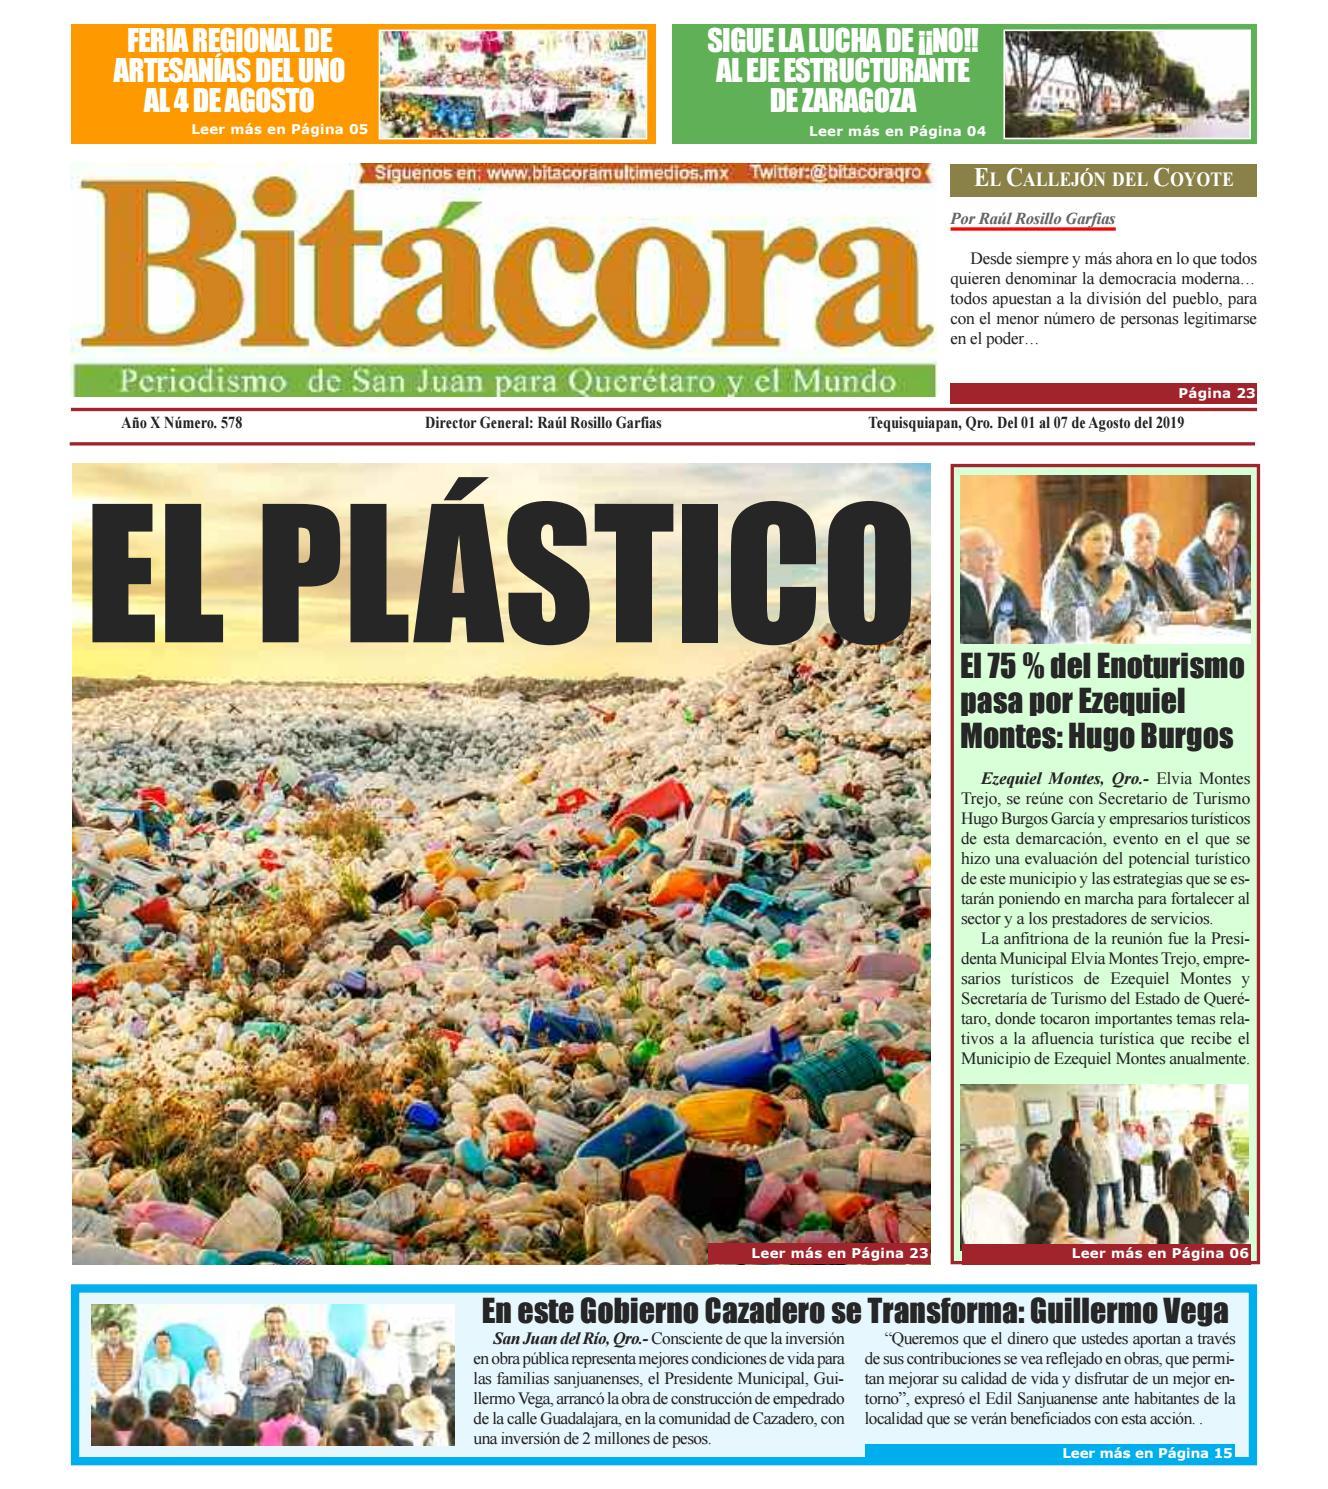 Semanario Bitácora Edición 578 By Raúl Rosillo Garfias Issuu